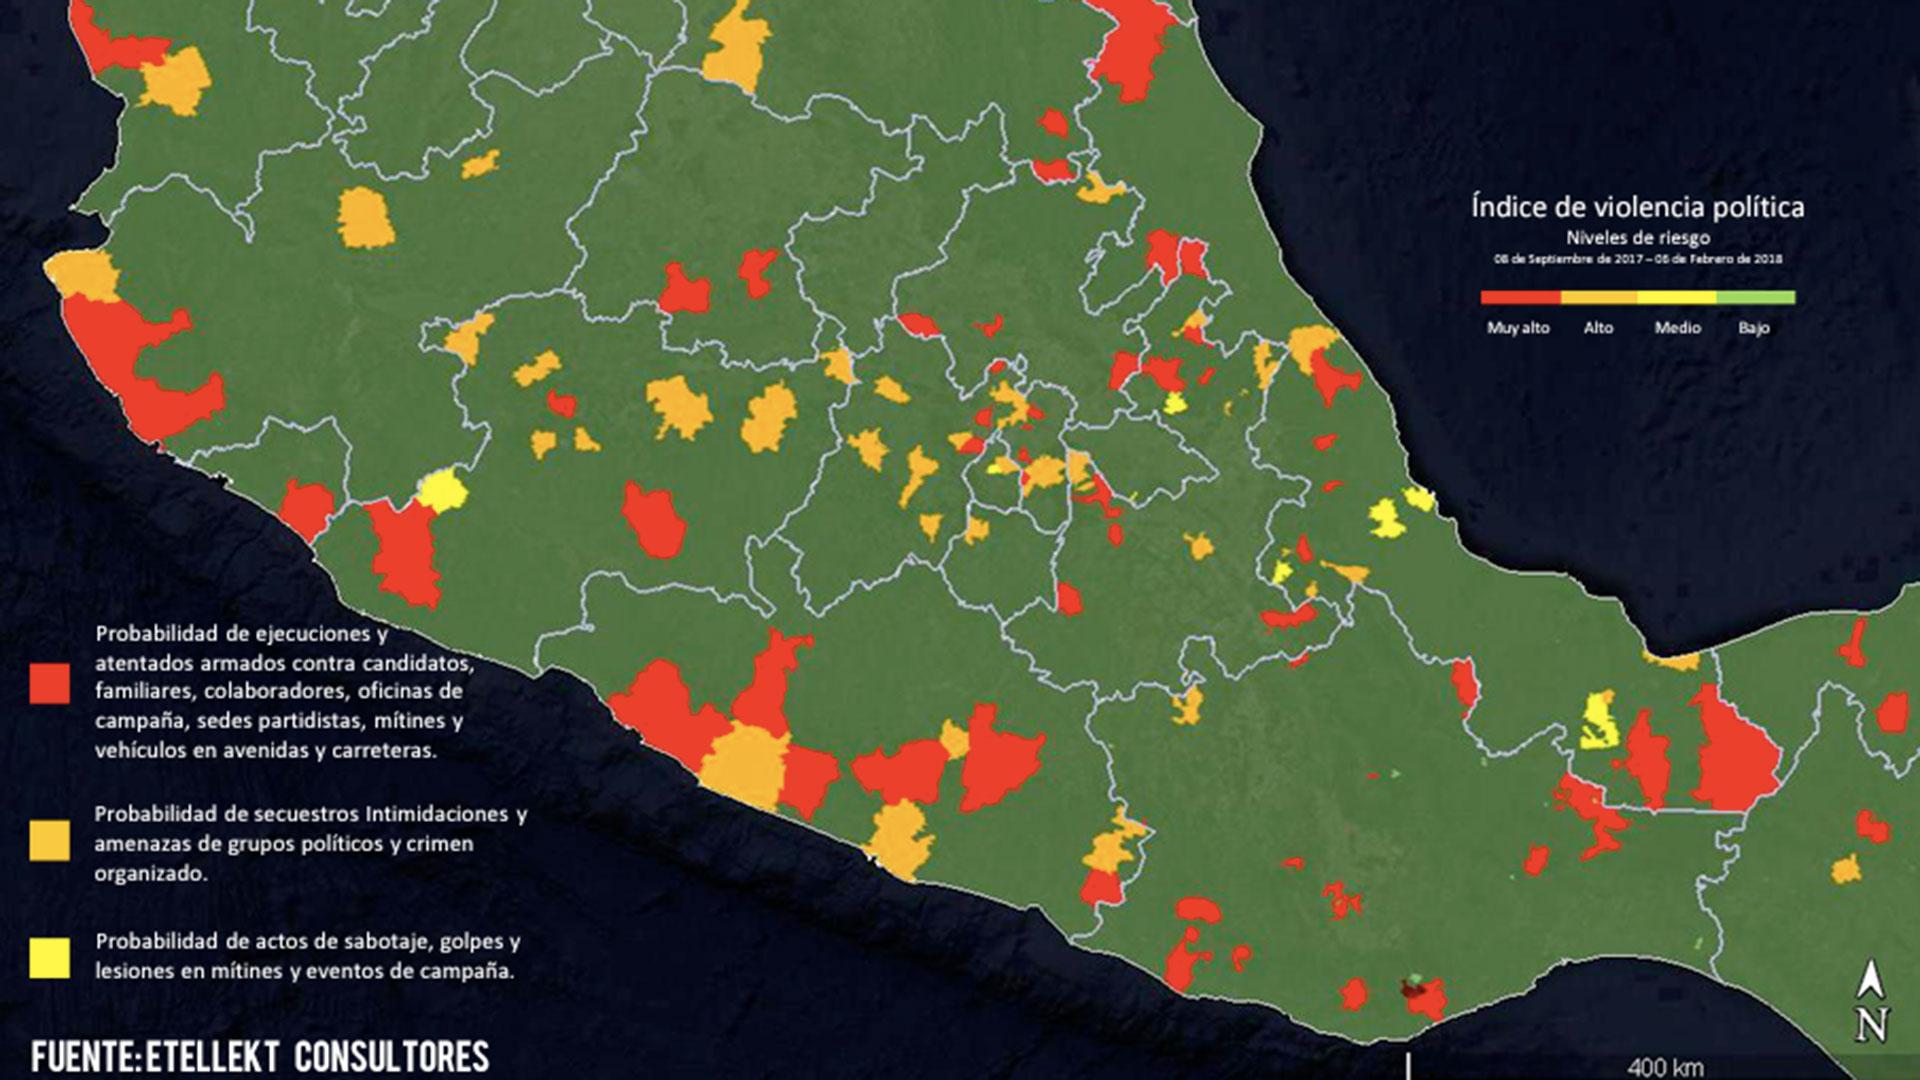 En el mapa de la violencia política destacan sobre todo los municipios de la zona sur